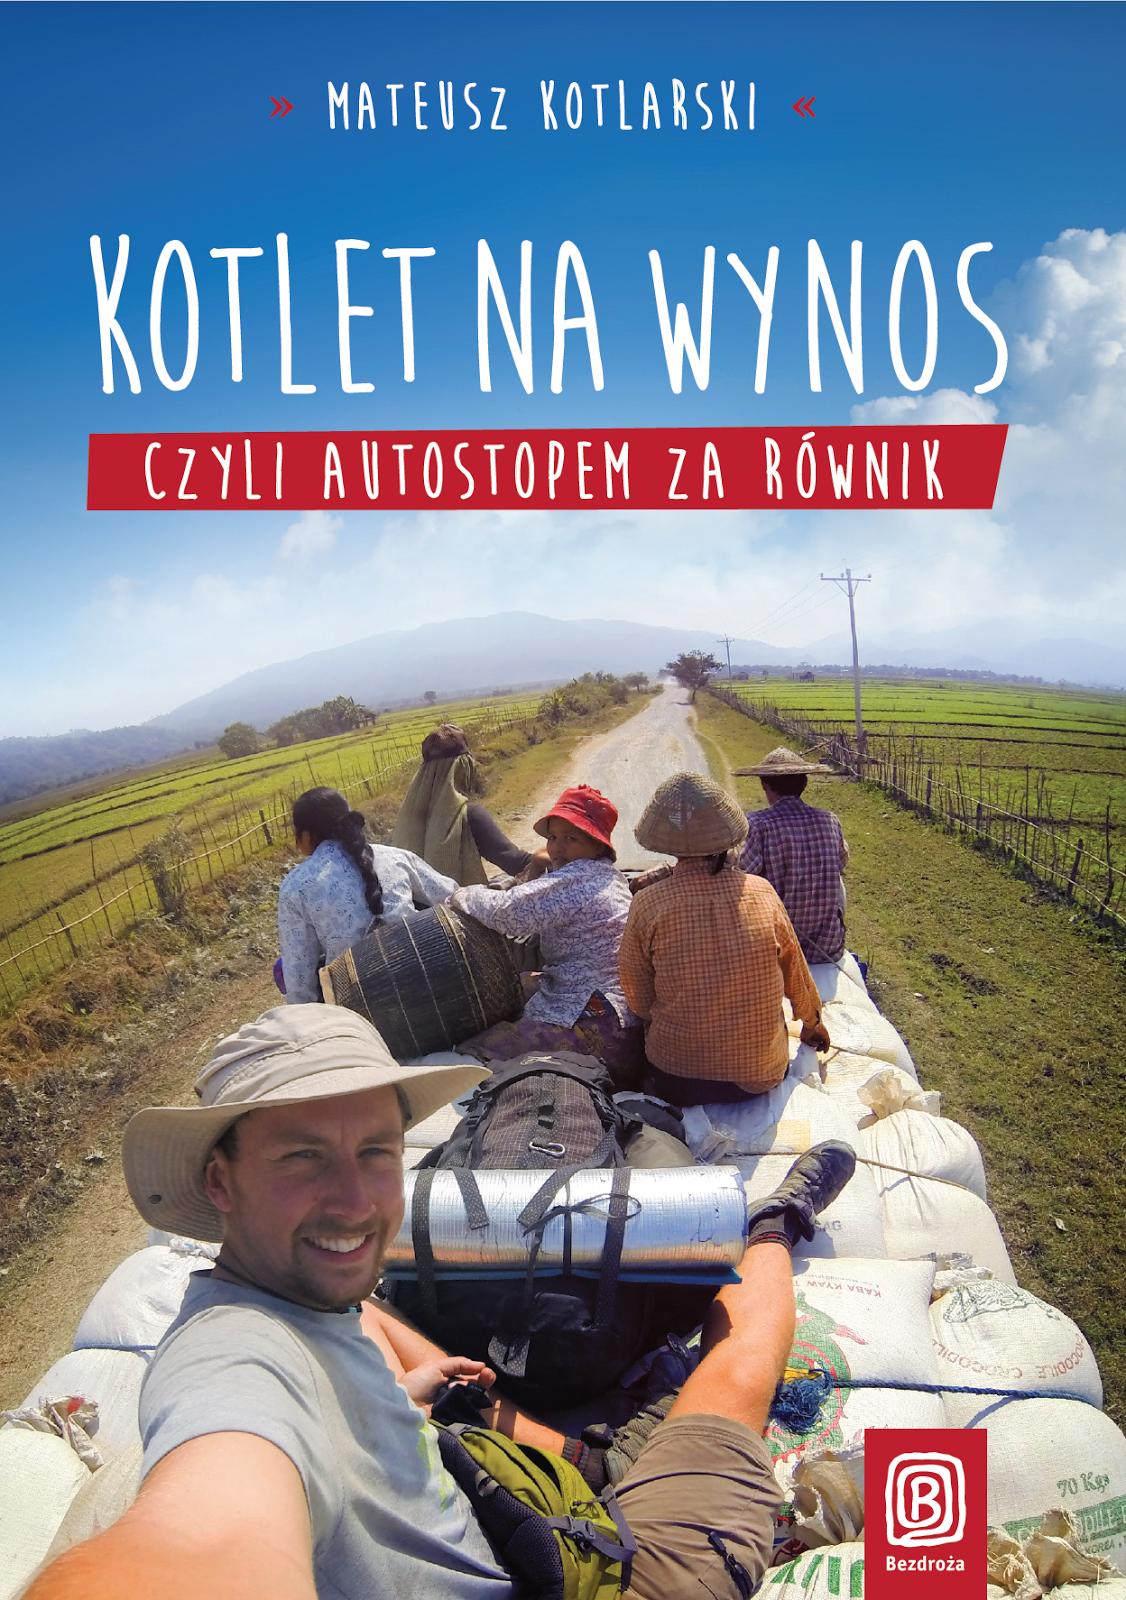 """Mateusz Kotlarski """"Kotlet na wynos czyli autostopem za równik"""""""